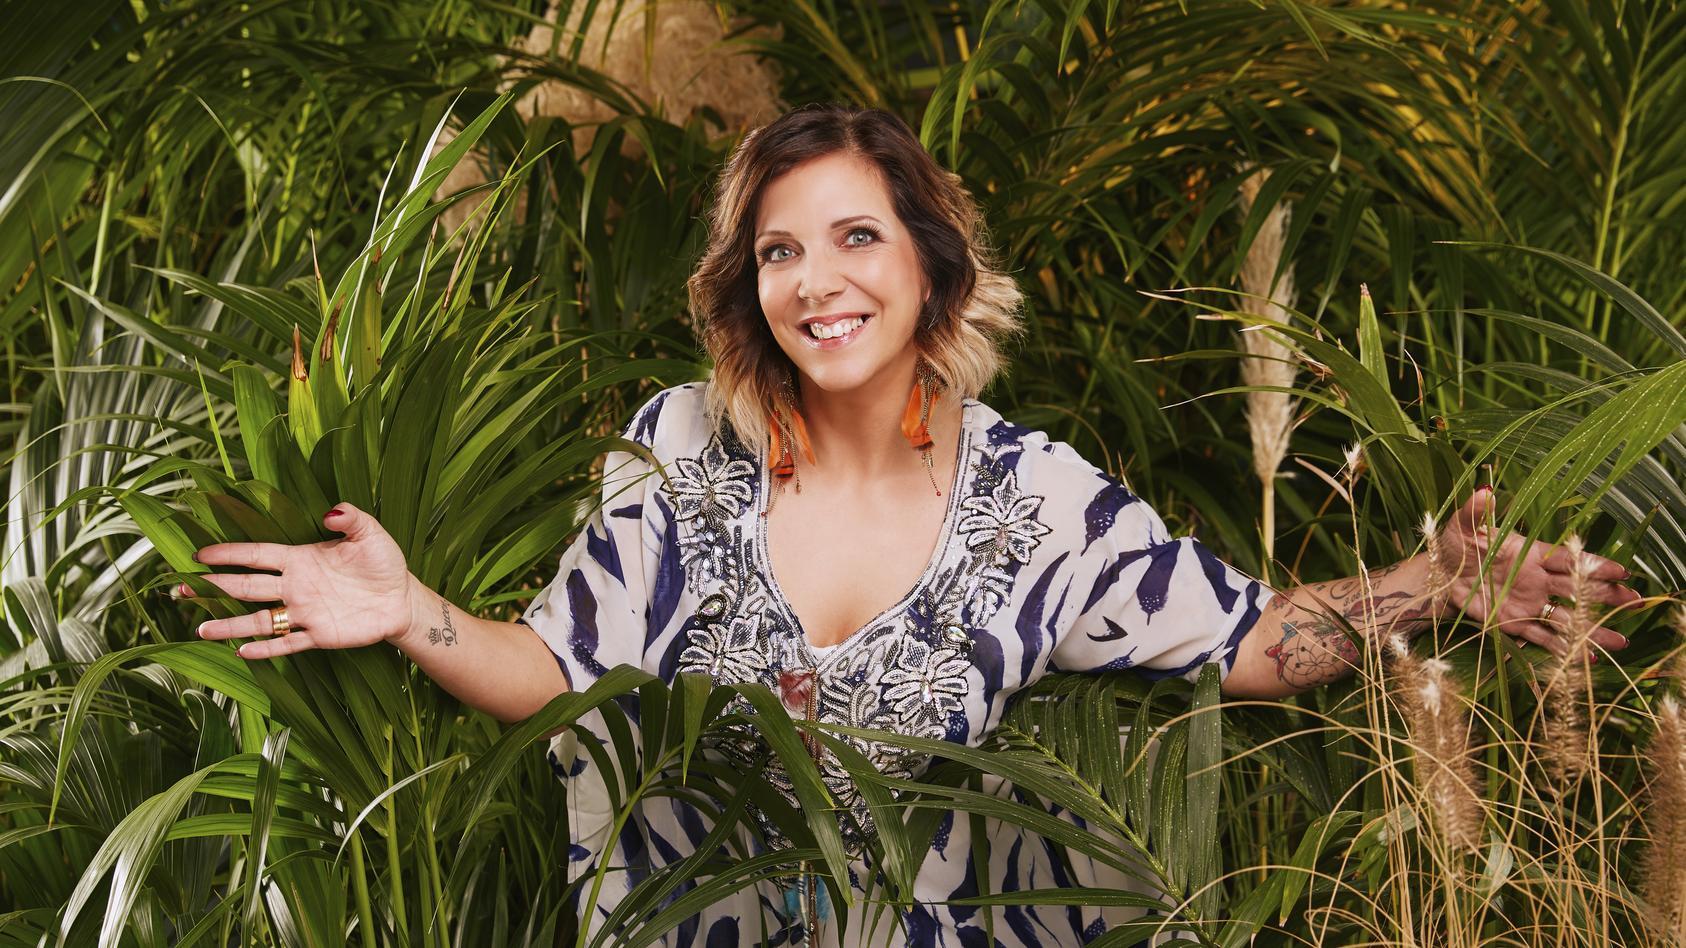 Danni Büchner kehrt als neue Frau aus dem Dschungelcamp zurück.